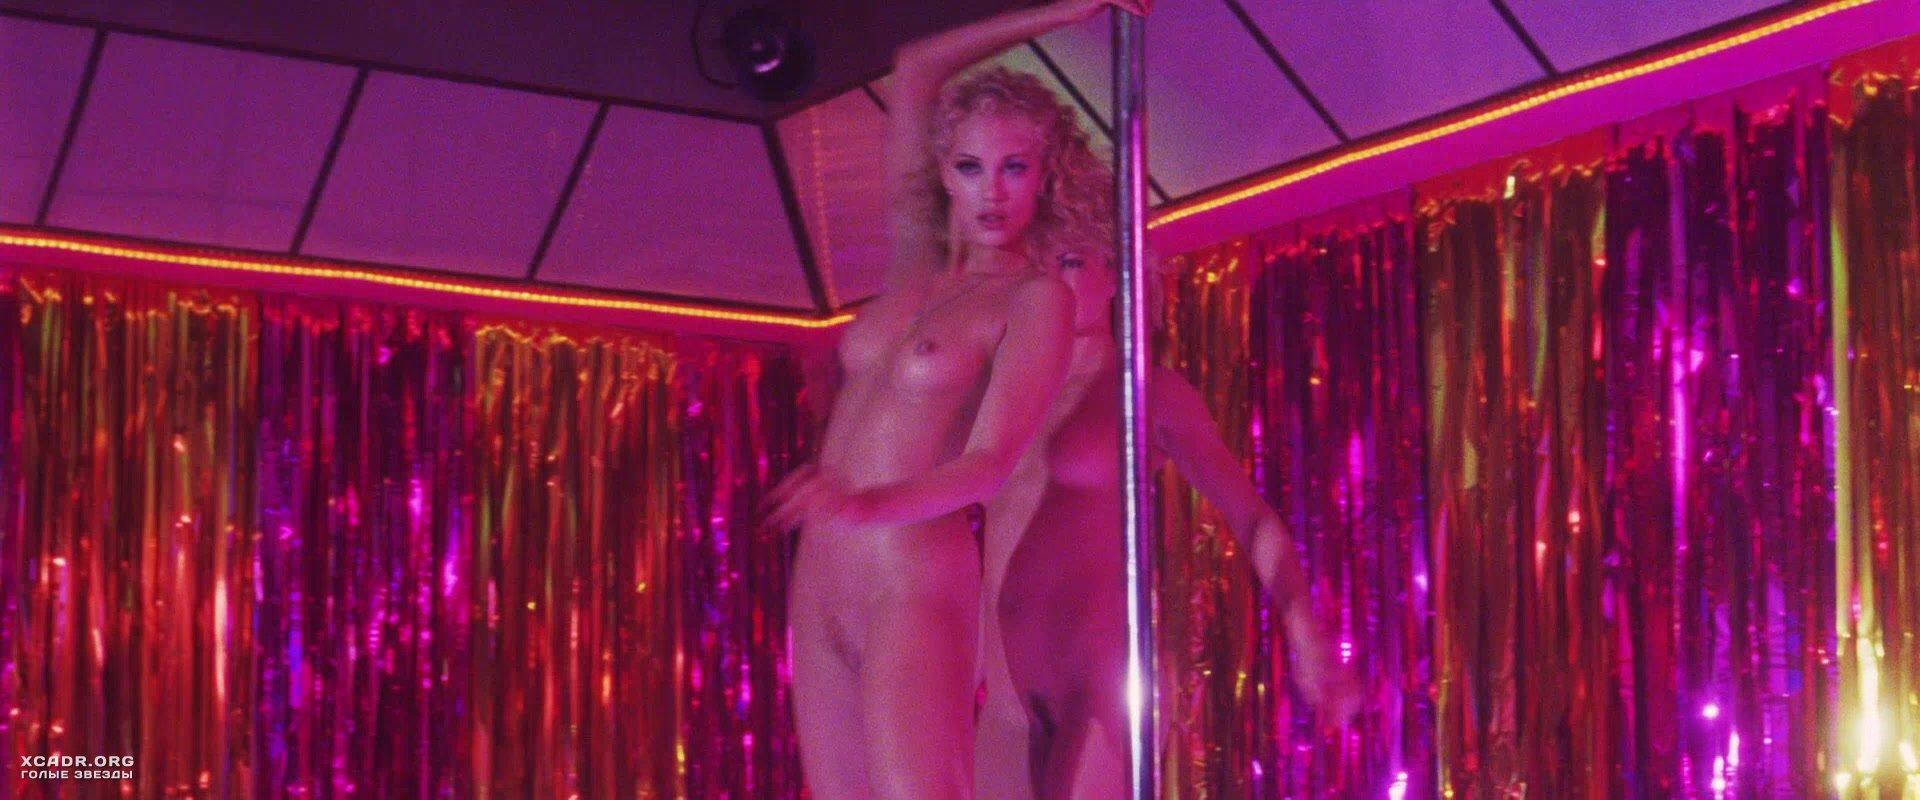 Стриптиз фильмы лучшие фильмы со стриптизом и эротическими пристальный взгляд